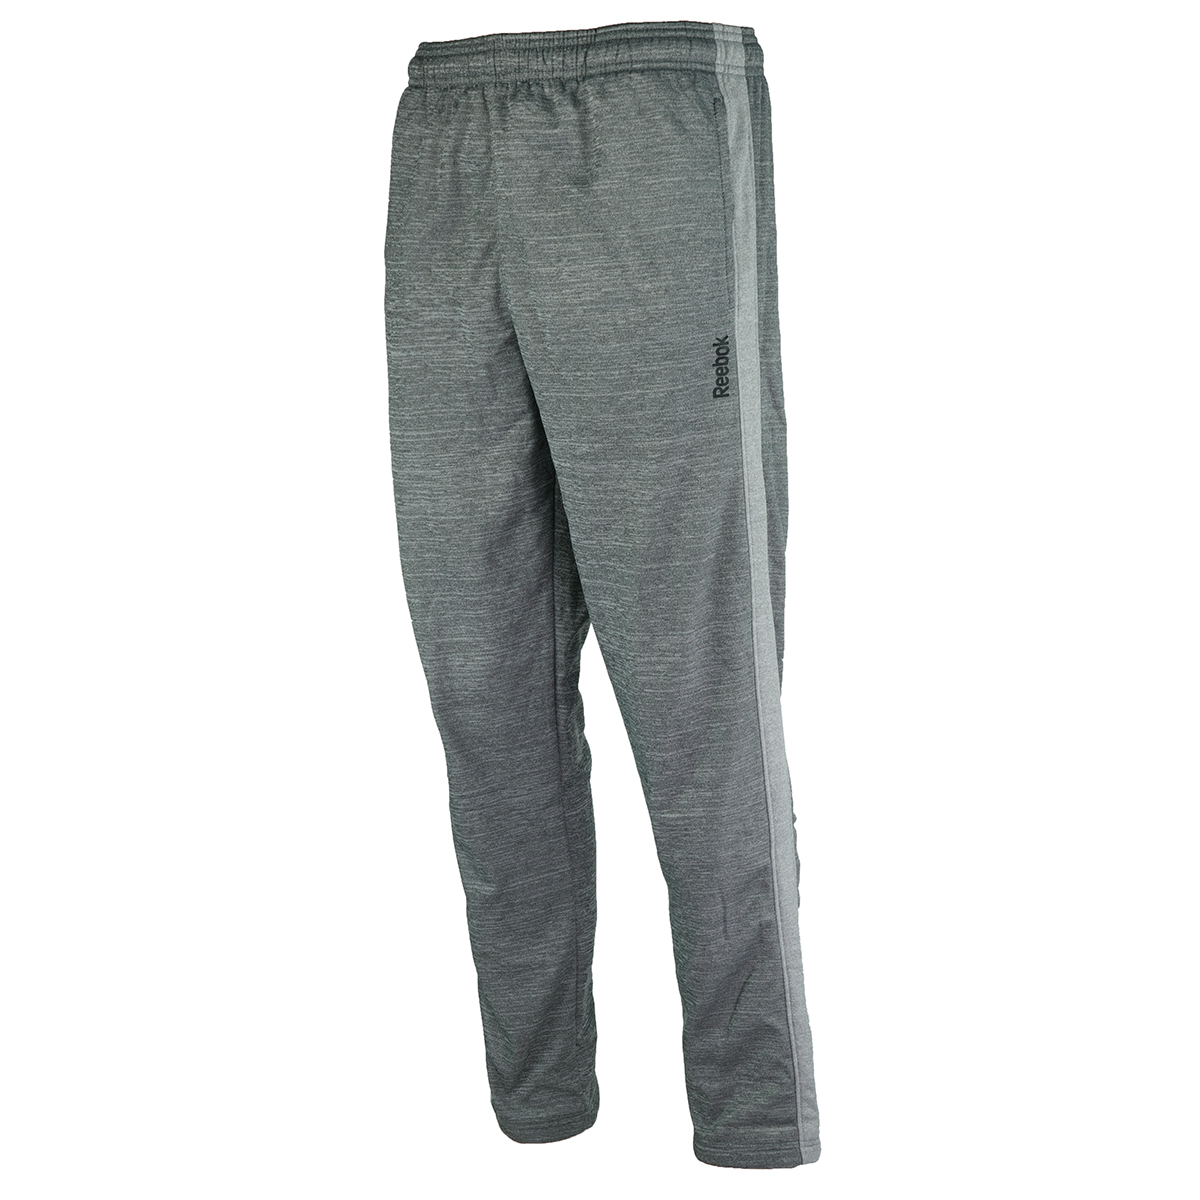 Reebok-Men-039-s-Tech-Side-Panel-Fleece-Pants